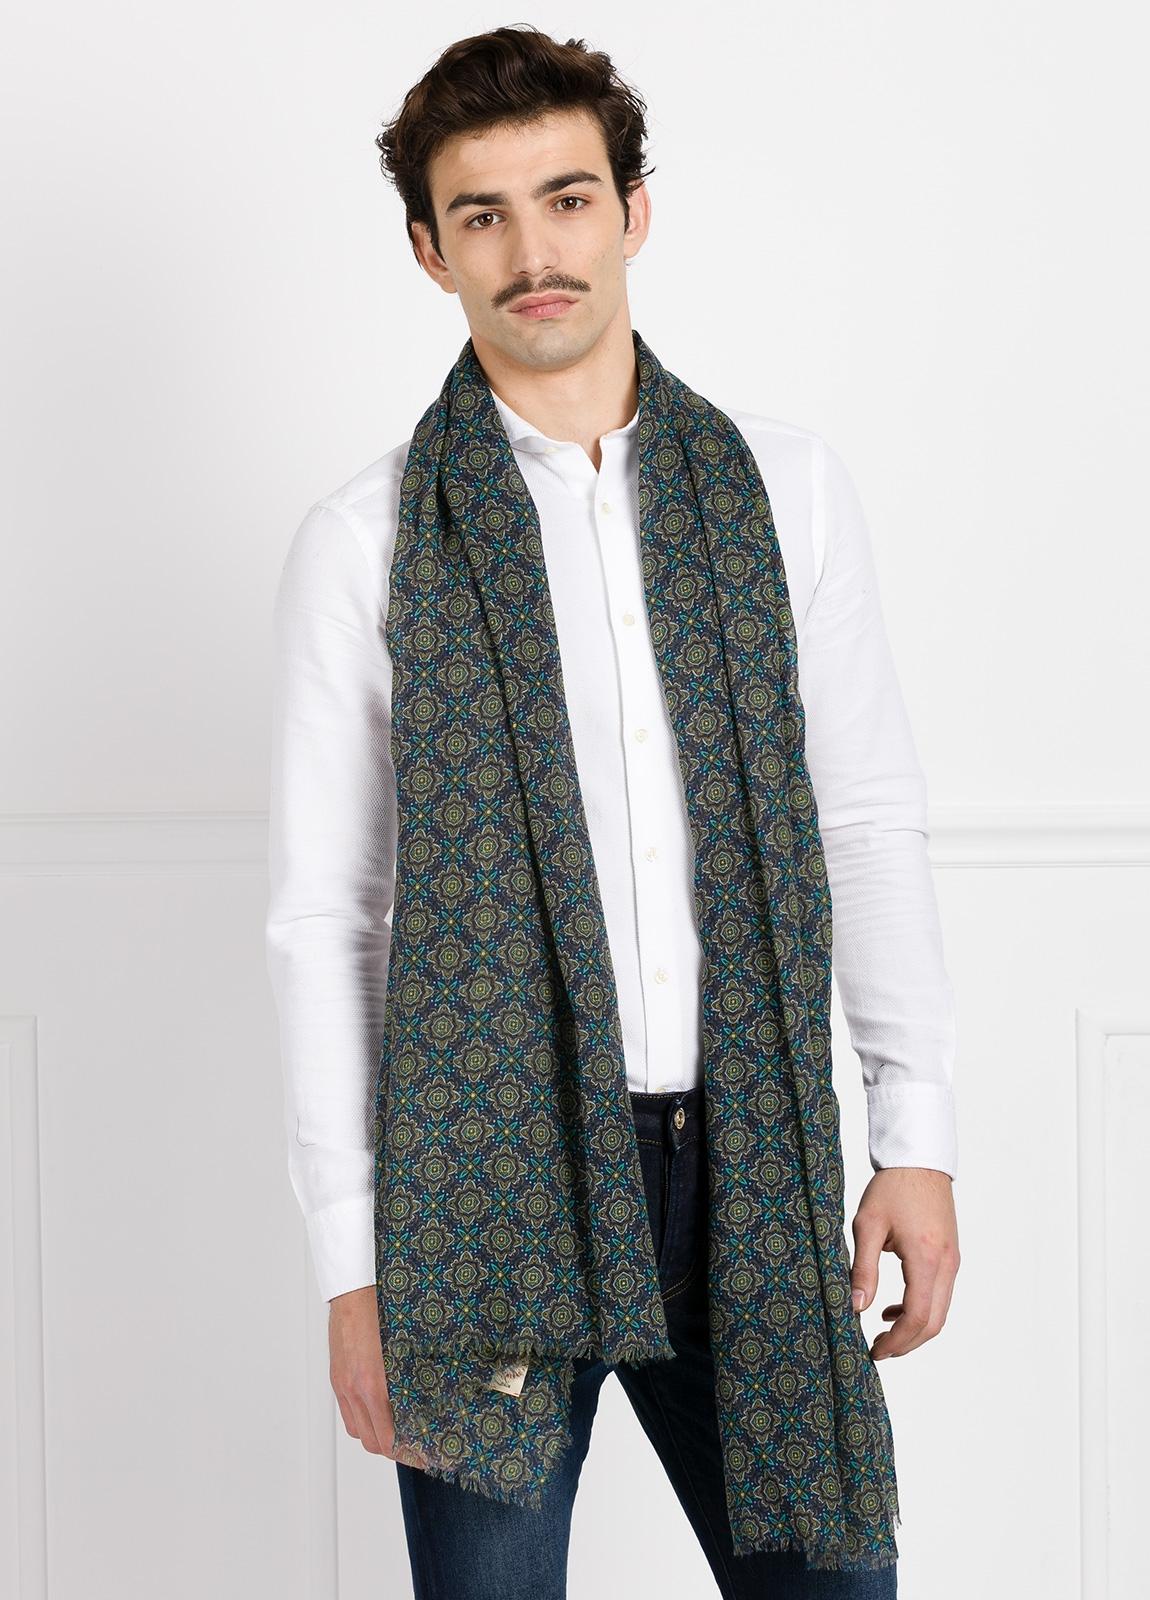 Foulard estampado étnico color azul y verde modelo giglio 80 x 200 cm. 85% lana 15% seda.